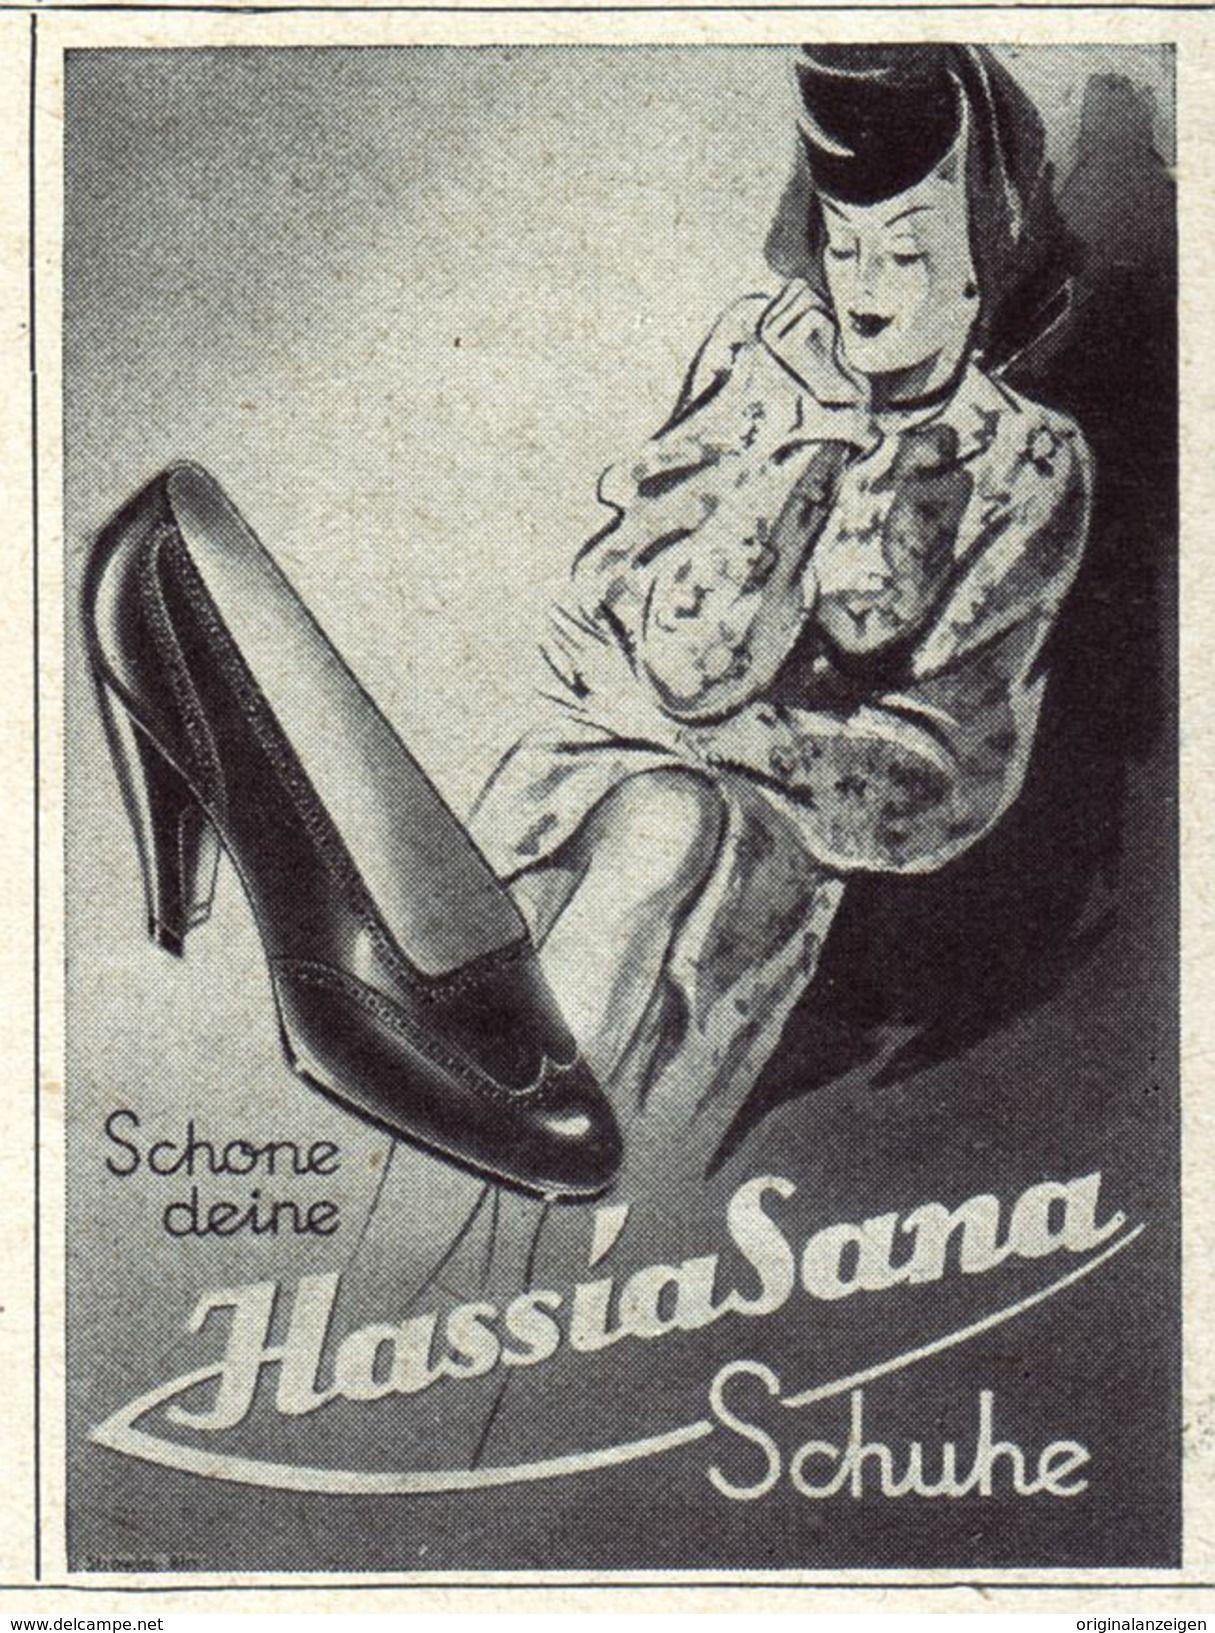 Original-Werbung/ Anzeige 1942 - HASSIA SANA SCHUHE - ca. 45 x 65 mm